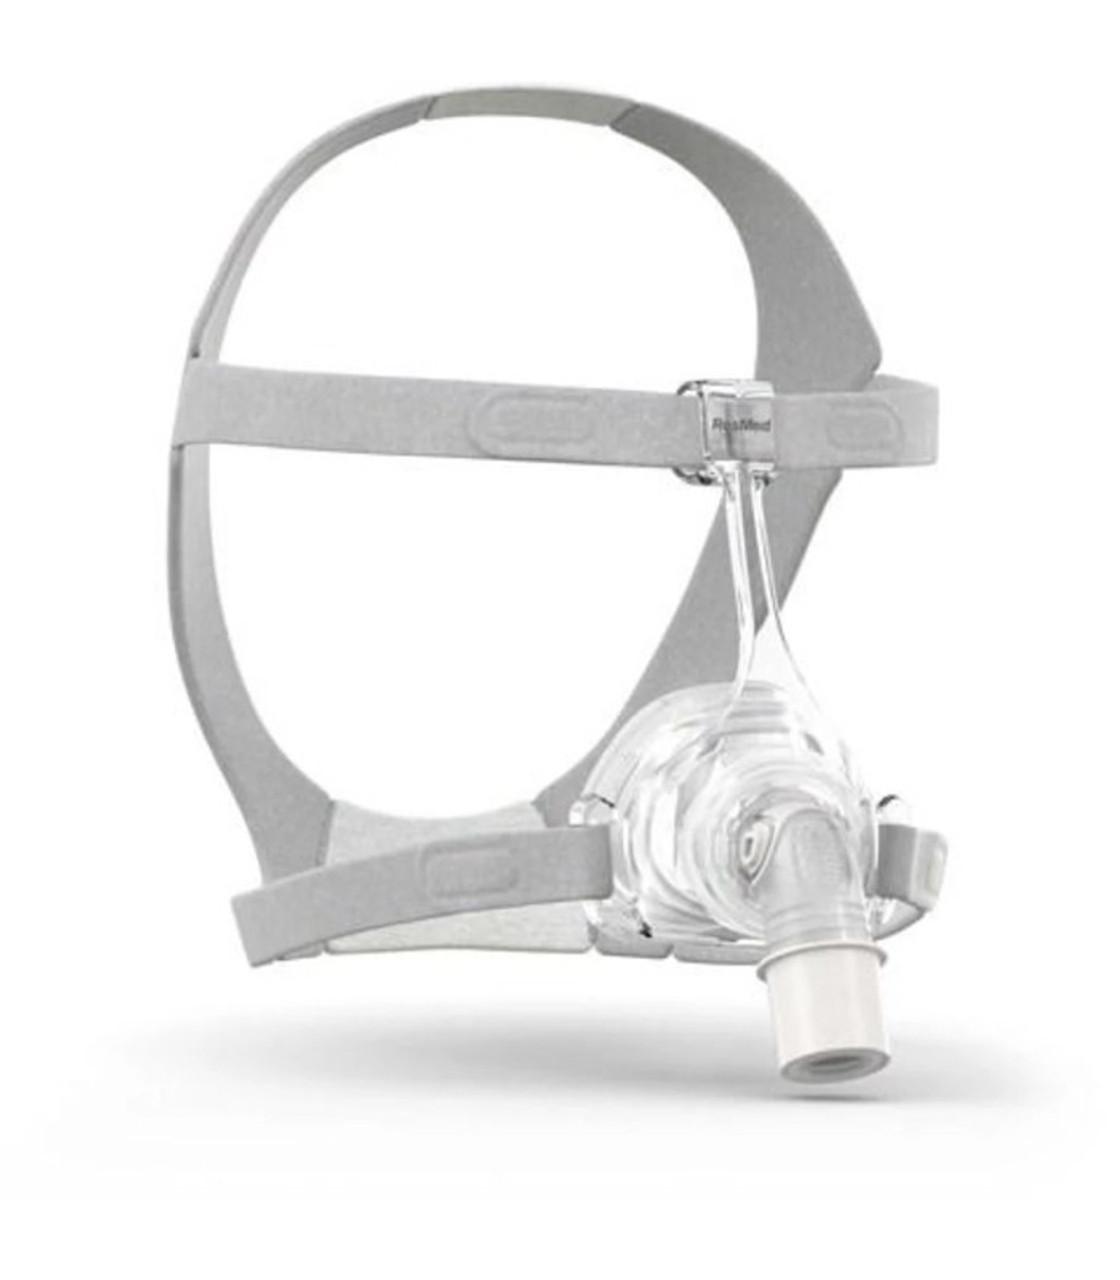 ResMed AirFit N20 Classic Nasal CPAP Mask